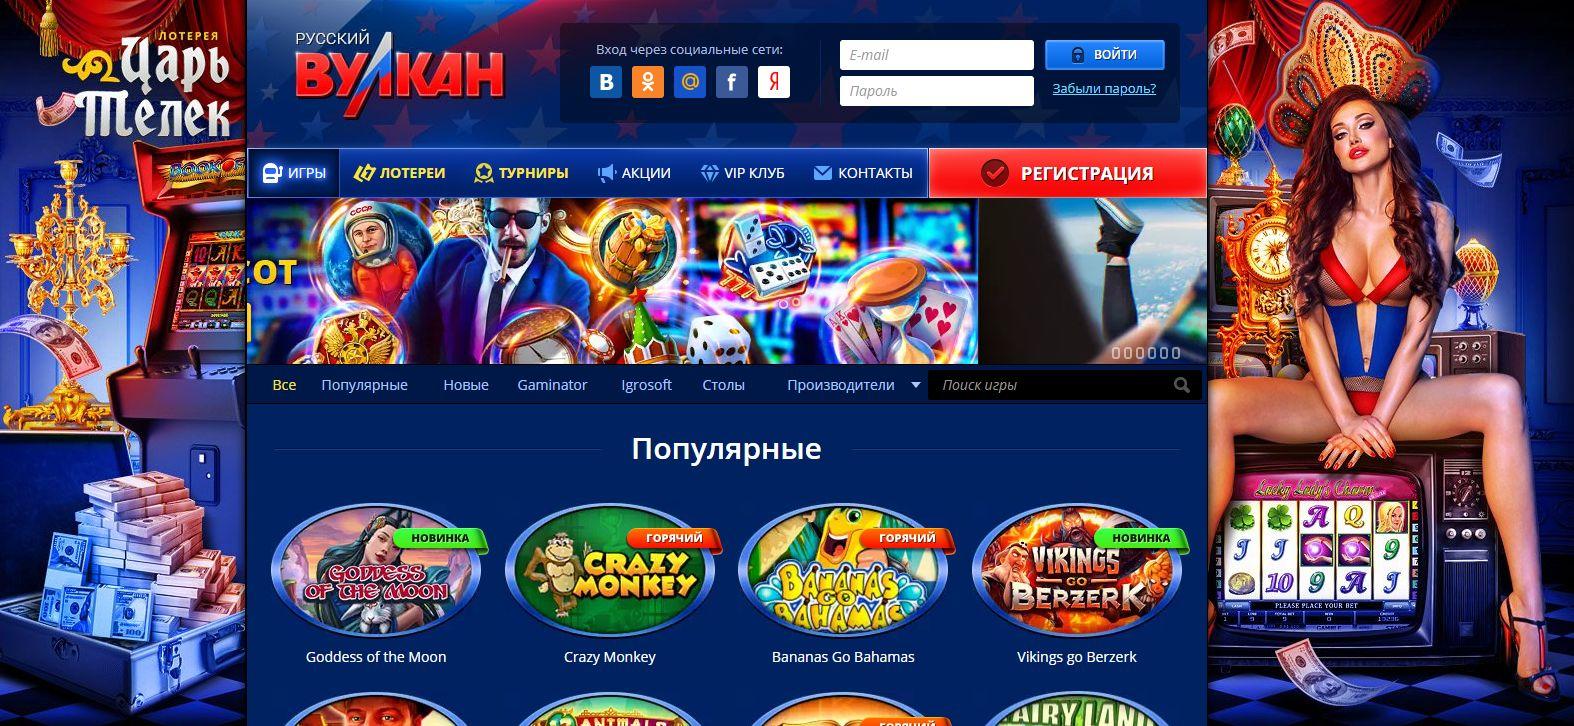 русский вулкан игровые автоматы бонус